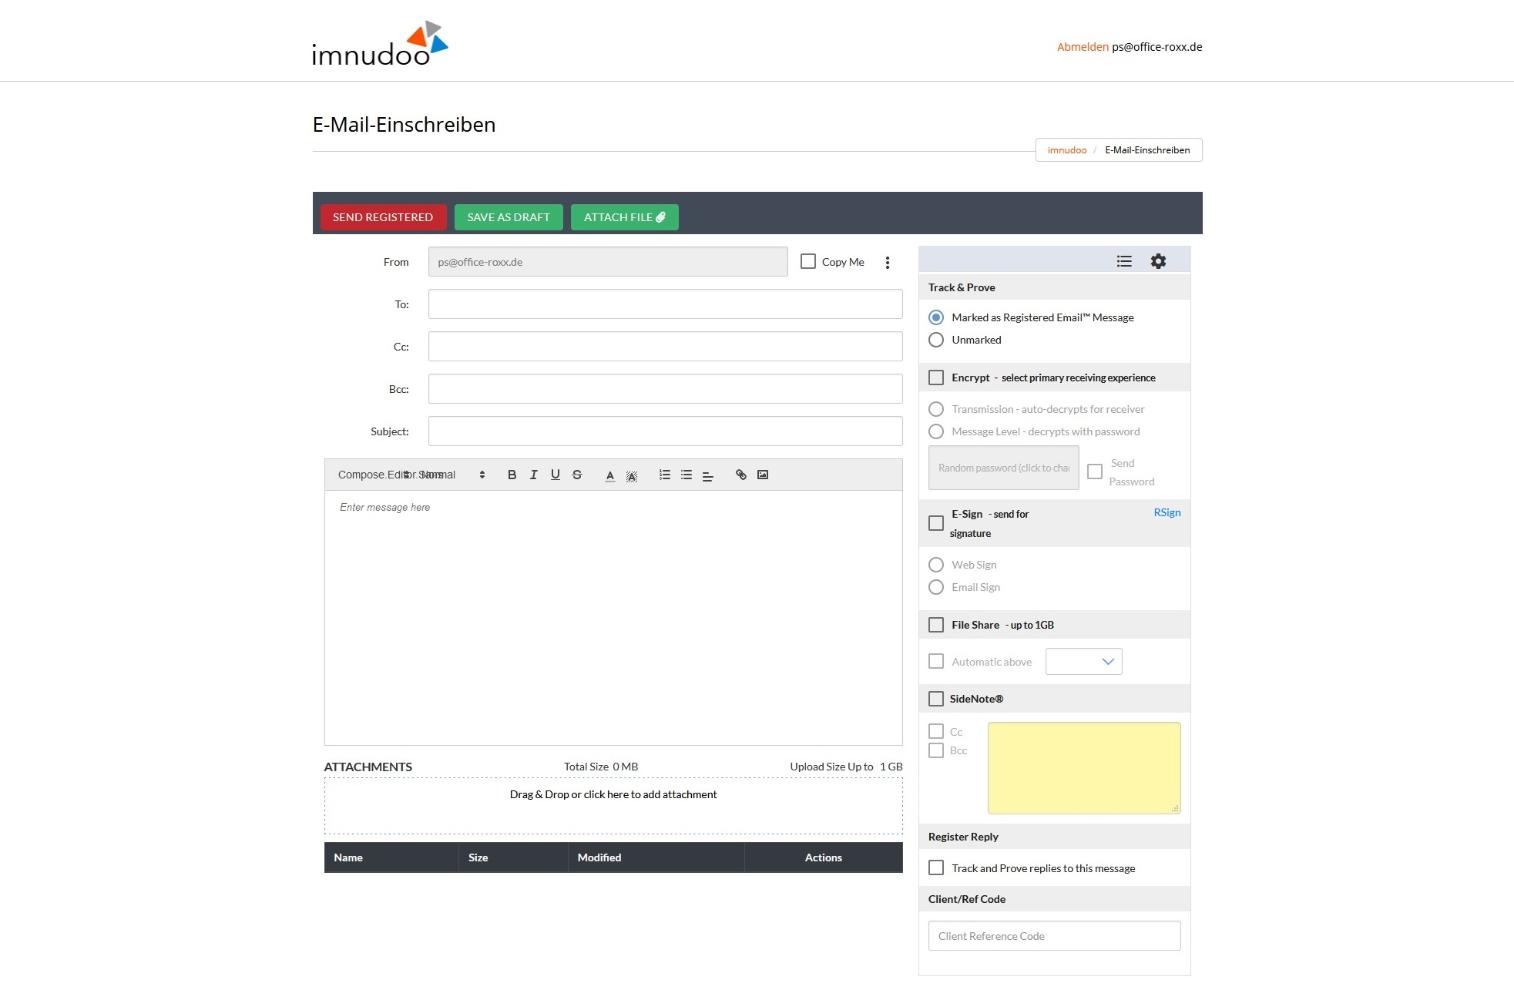 Durch die integrierte Verbindung mit RMail können verschlüsselte E-Mails unkompliziert versendet werden.